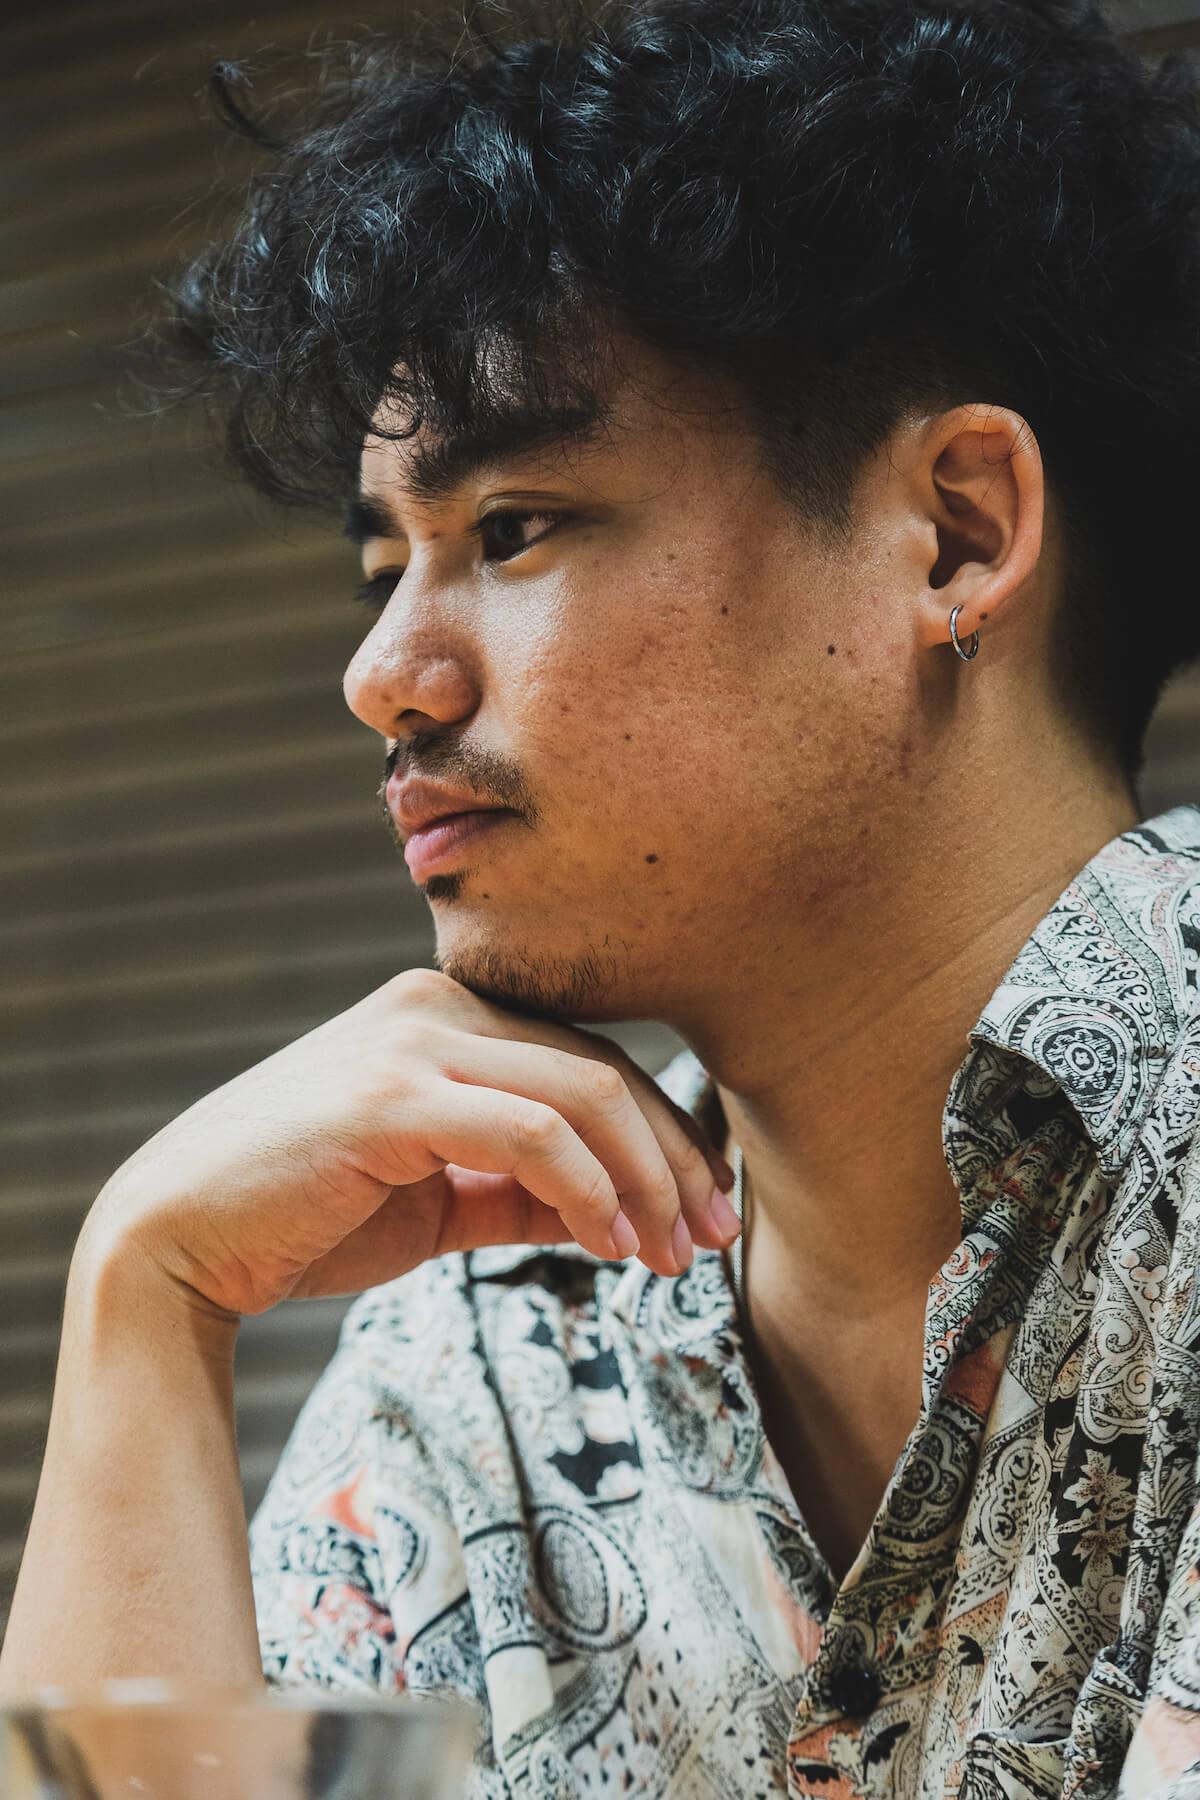 The fin.インタビュー|Yuto Uchinoが作る、世界中の人たちとシェアすることができる音楽 interview190827_thefin2427